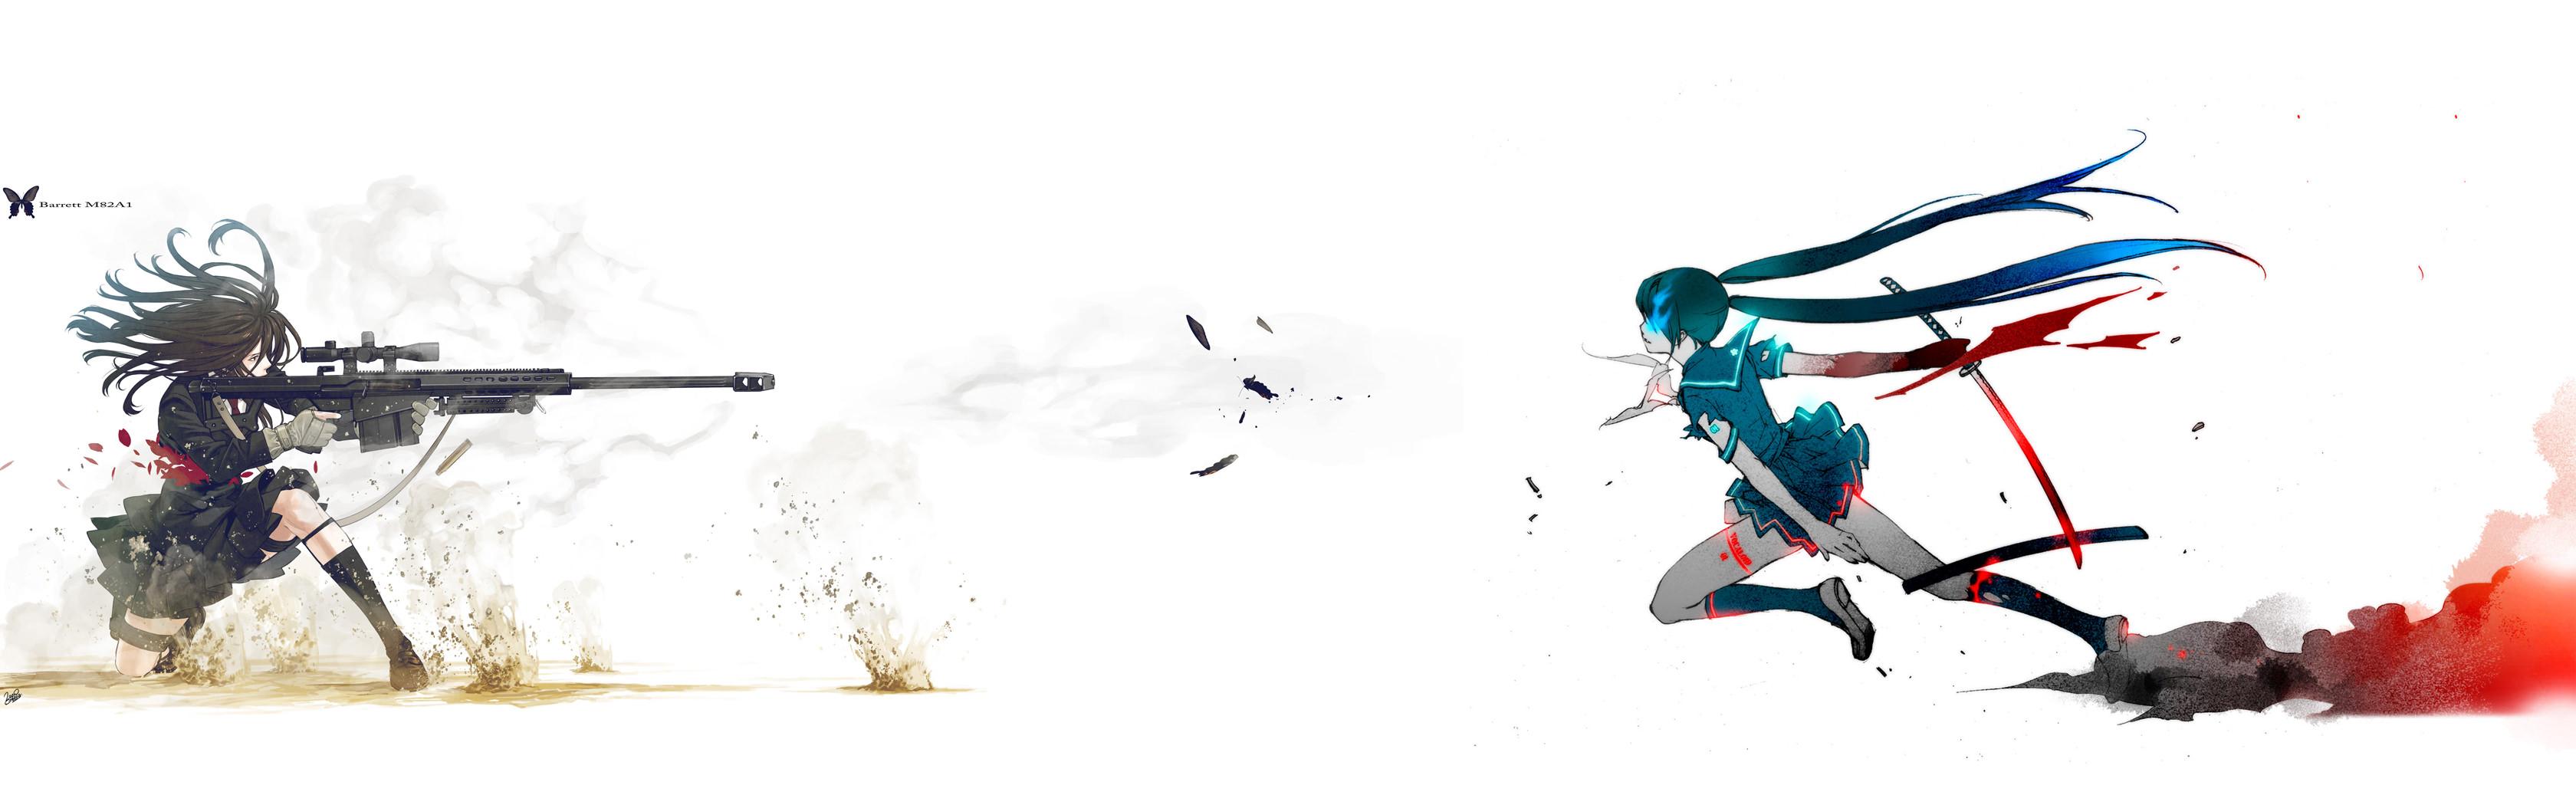 Anime Dual Monitor Wallpaper - WallpaperSafari